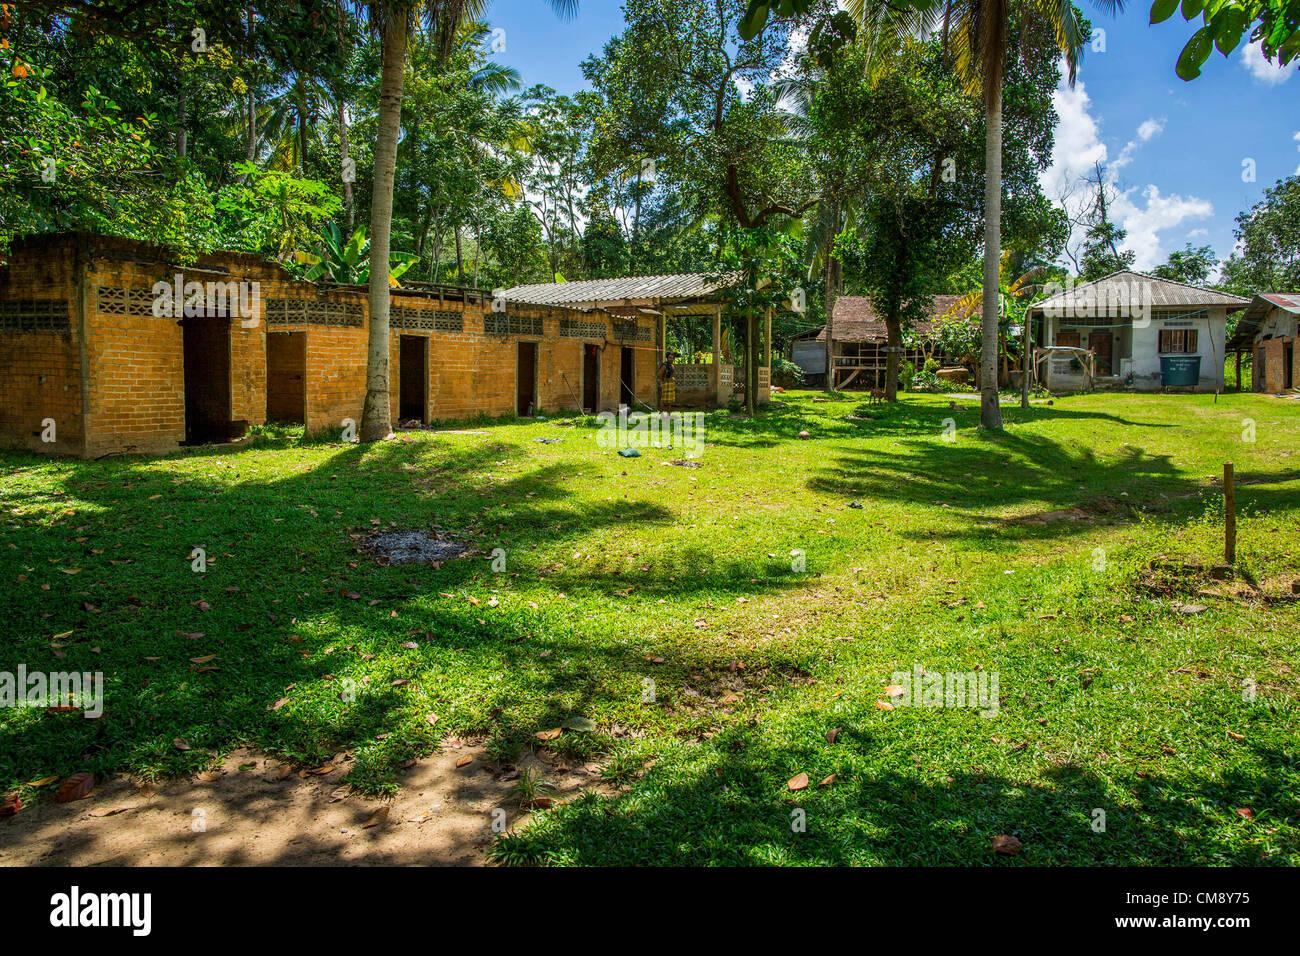 Ottobre 29, 2012 - Mayo, Pattani, Thailandia - Bukit Kong home. La casa ha aperto 27 anni fa come una scuola Pondo, Immagini Stock